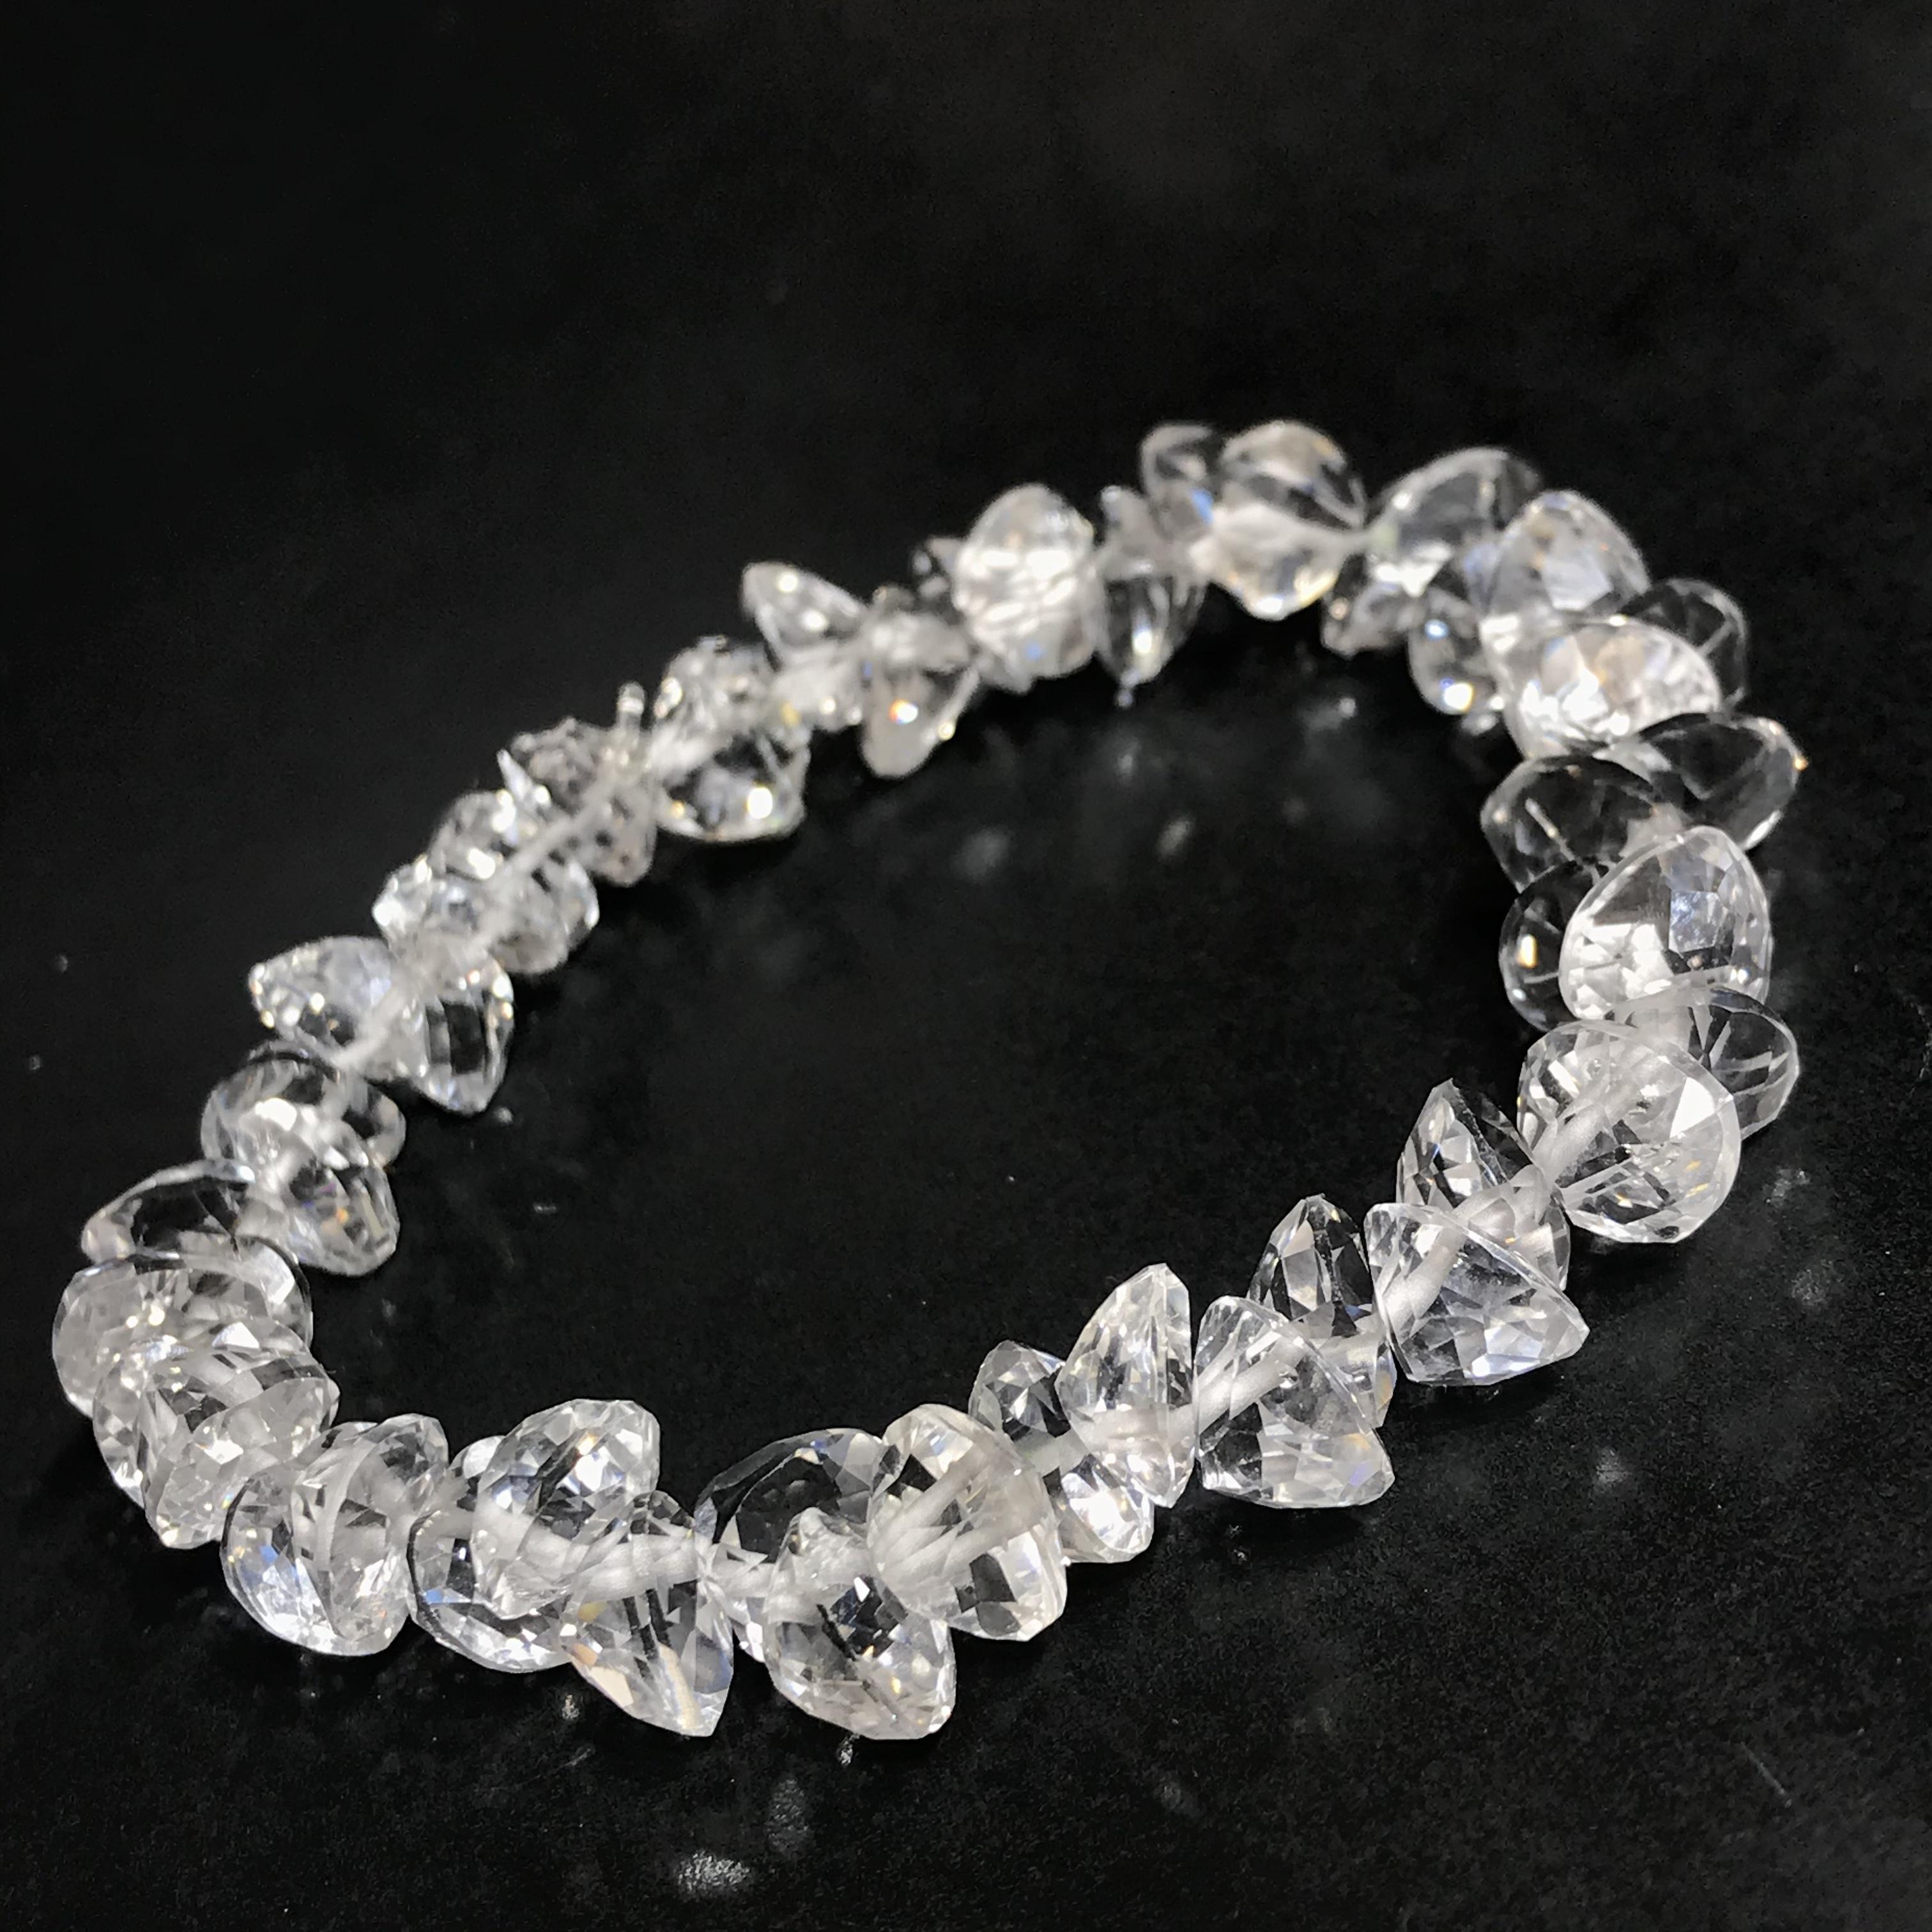 超高品質⭐︎水晶AAAAAハートのブリリアントカット☆ブレスレット